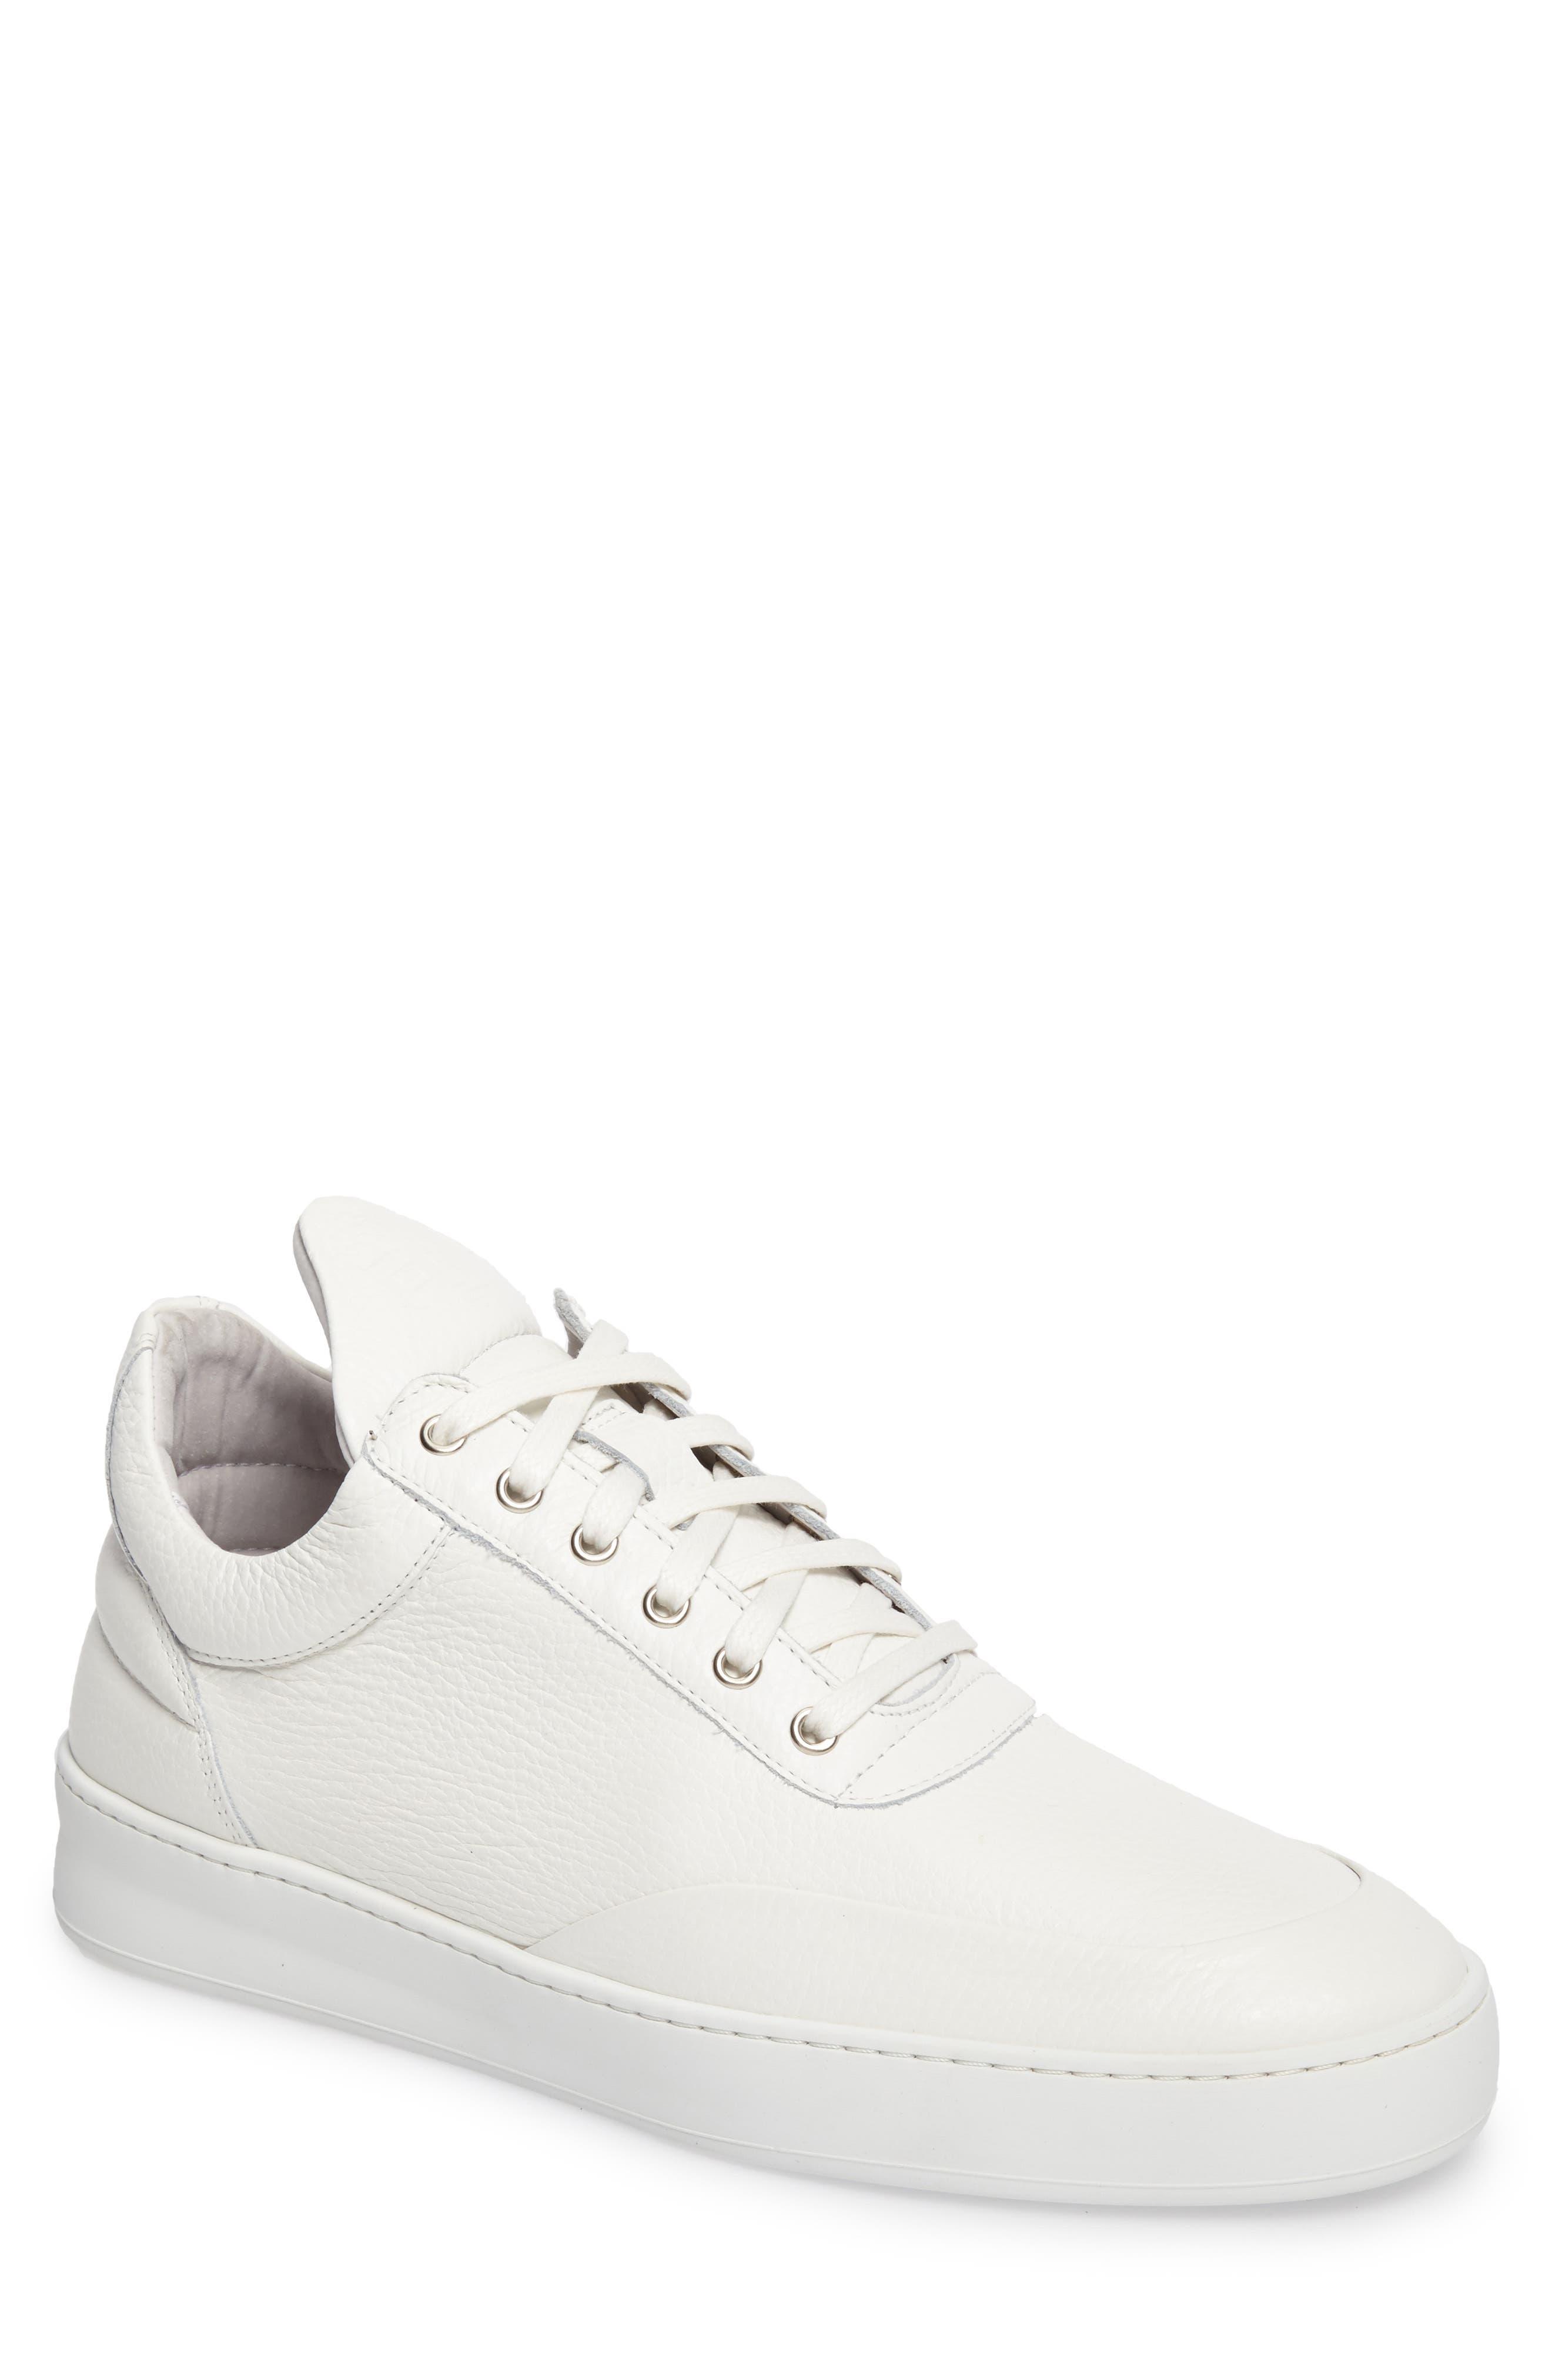 Low Top Sneaker,                             Main thumbnail 1, color,                             100